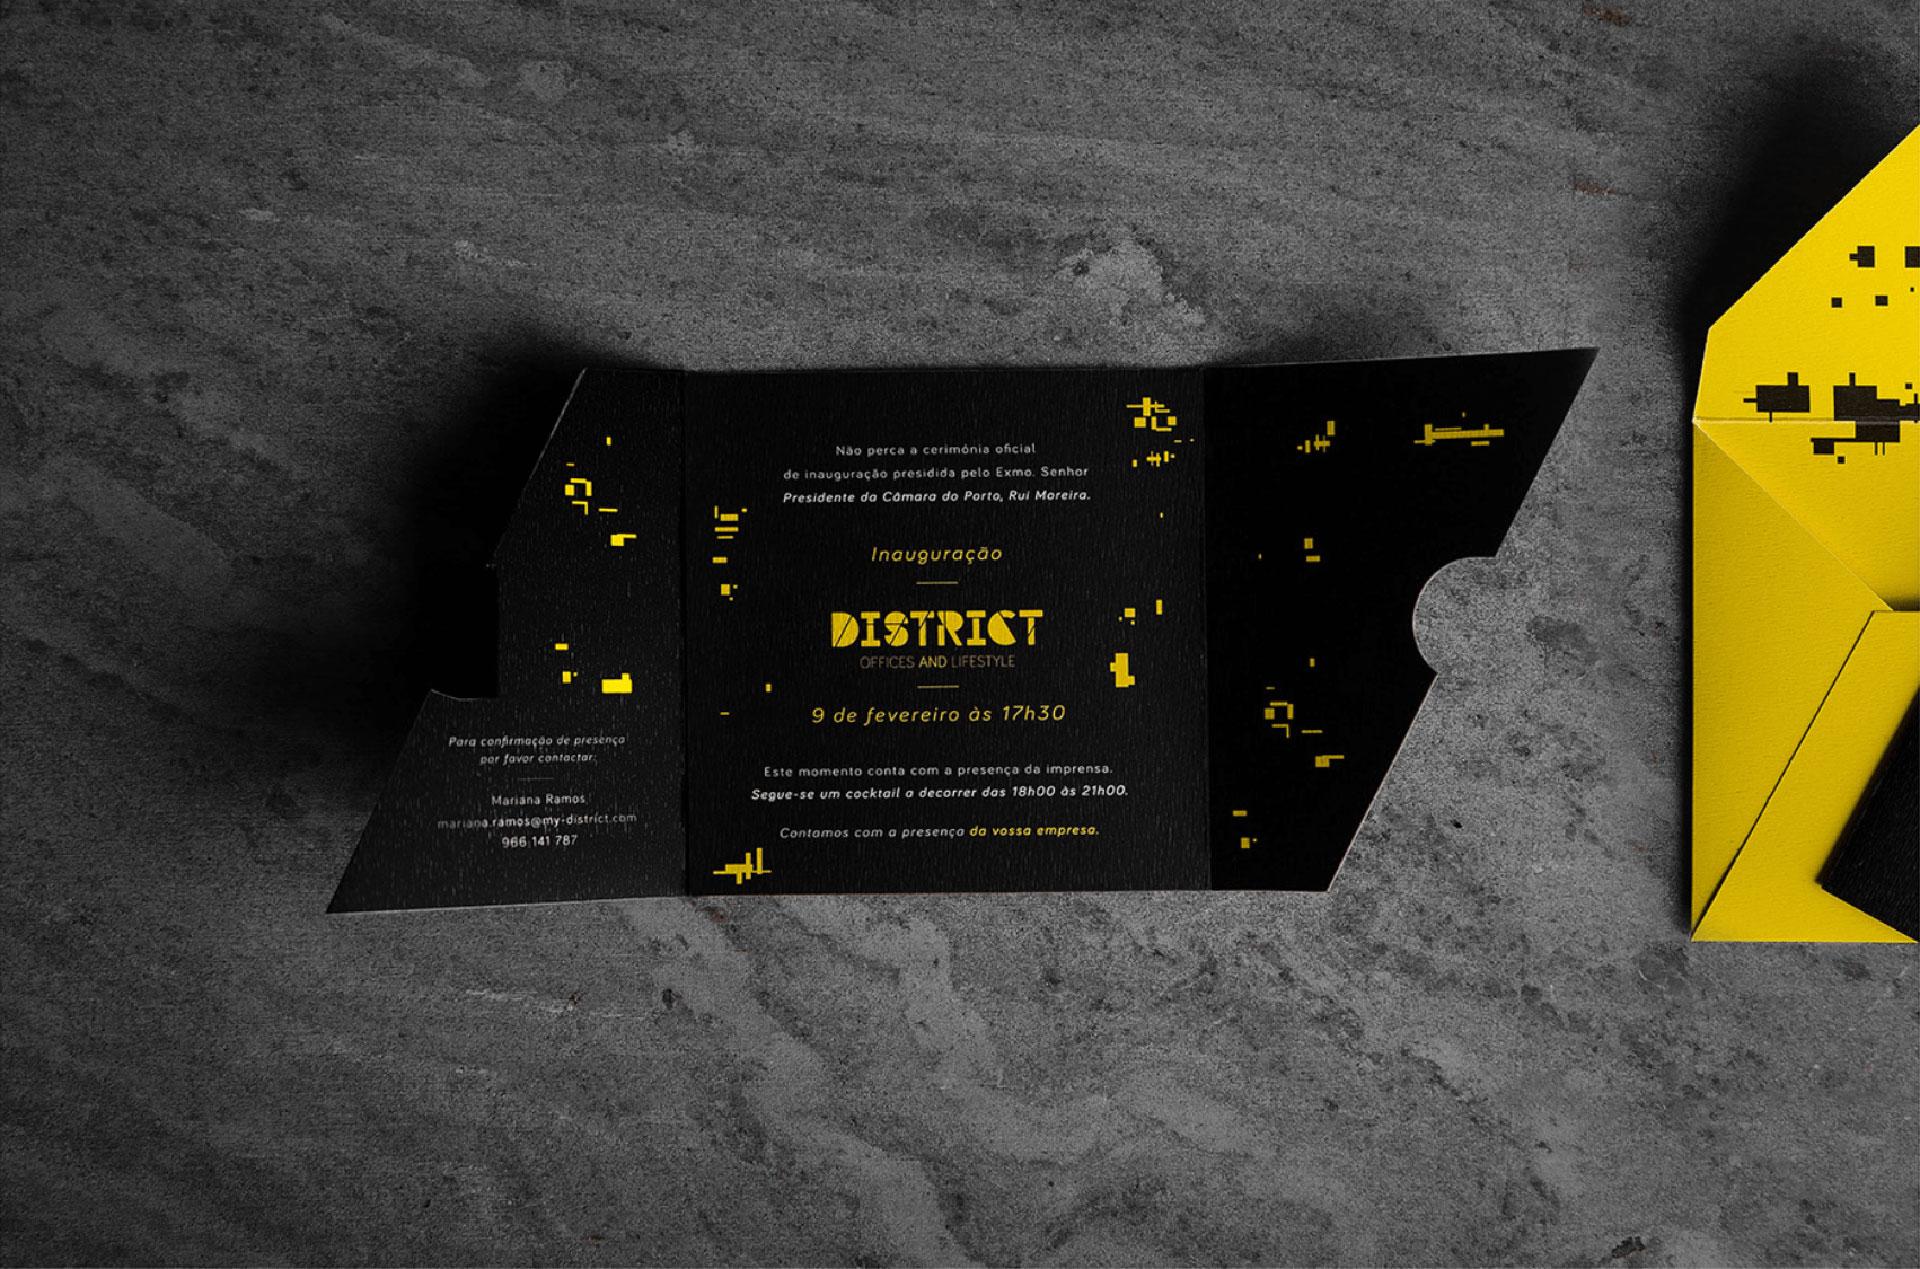 District - Inauguração